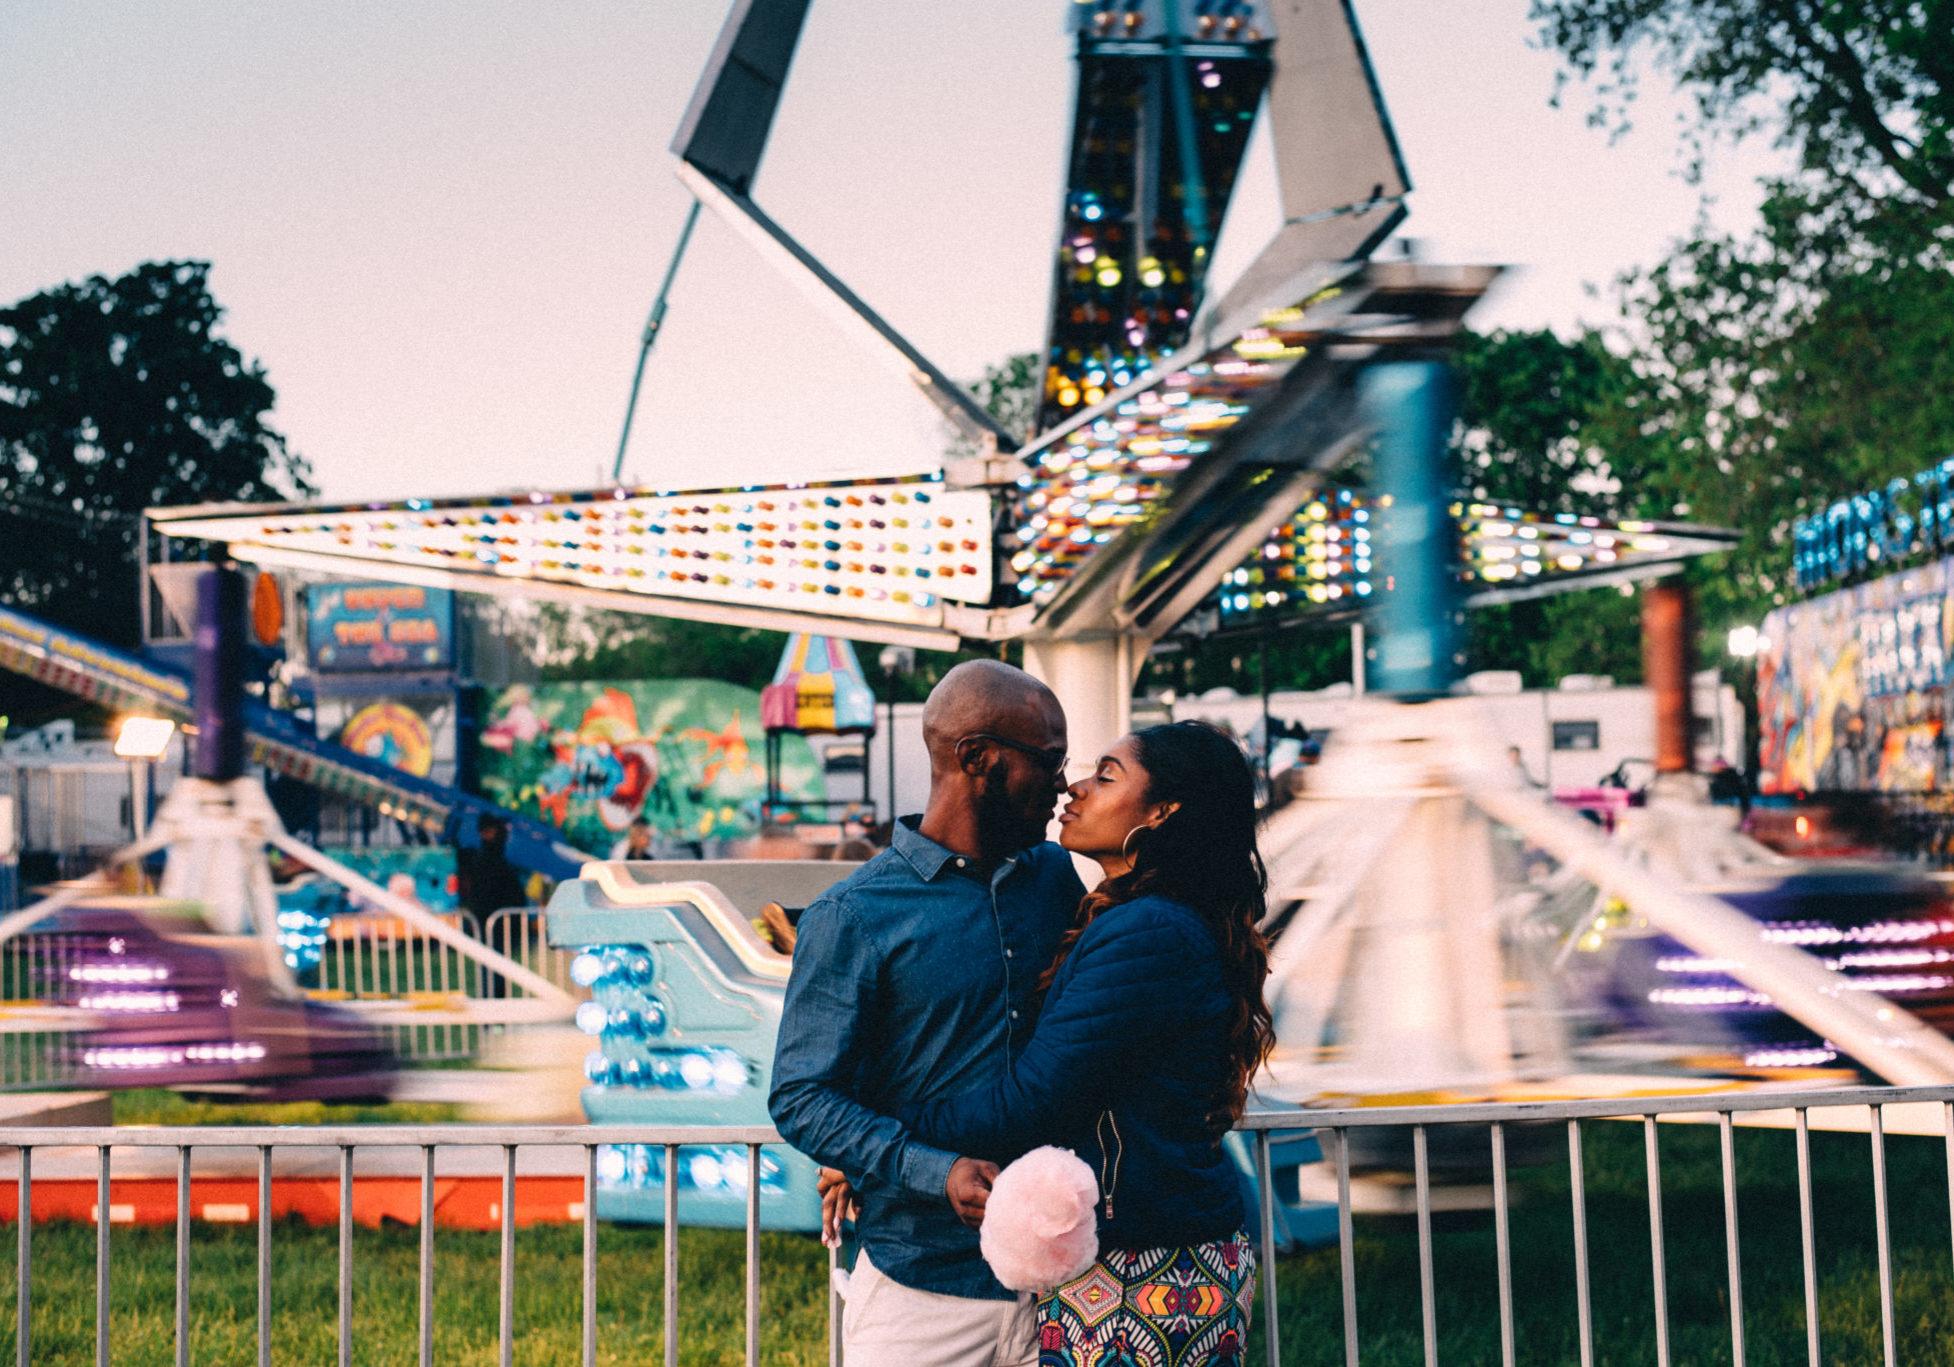 engagements photos at carnival brooklin spring fair